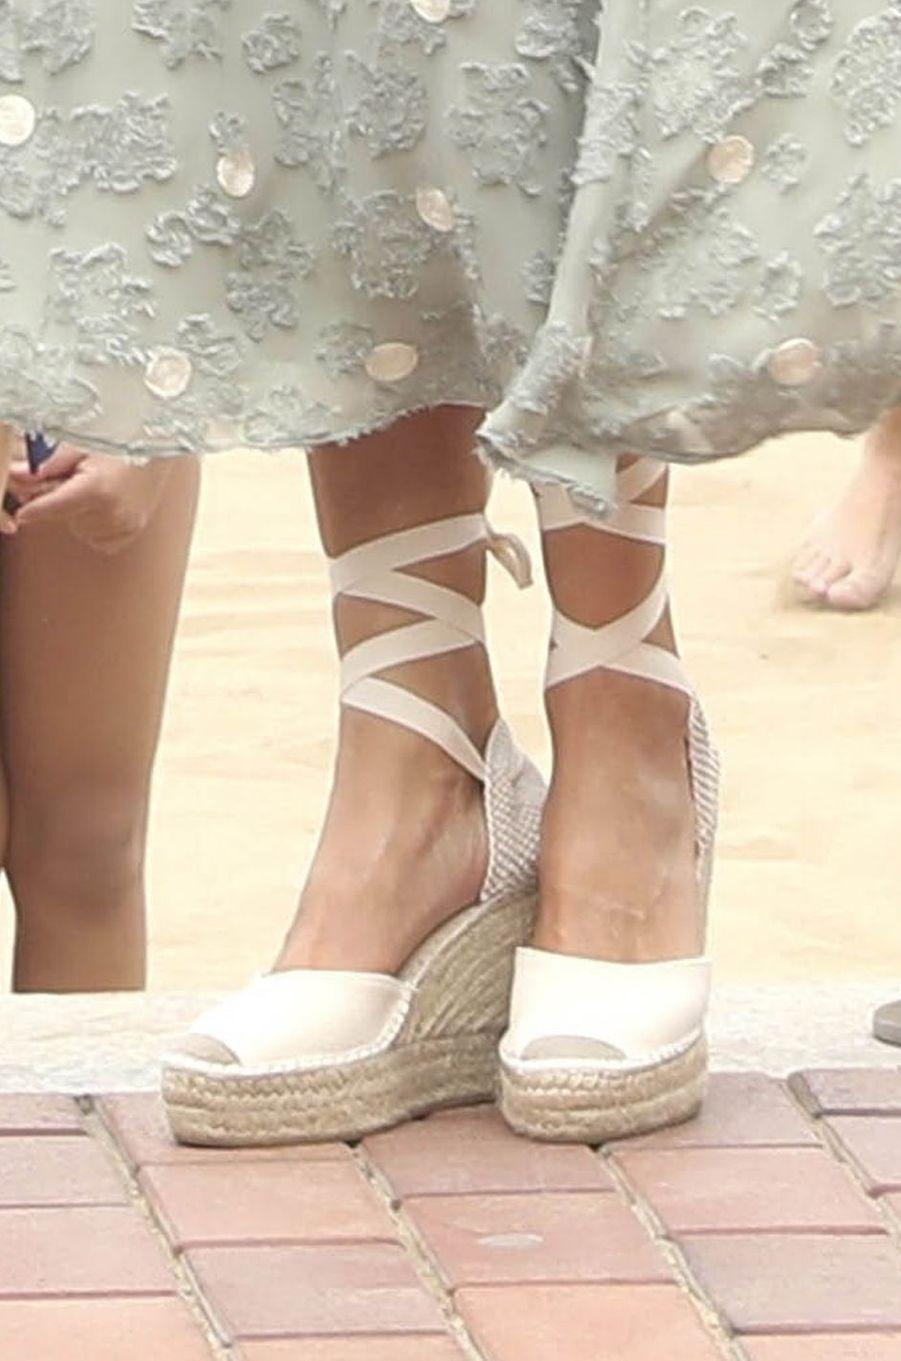 Les chaussures de la reine Letizia d'Espagne aux Canaries, le 23 juin 2020